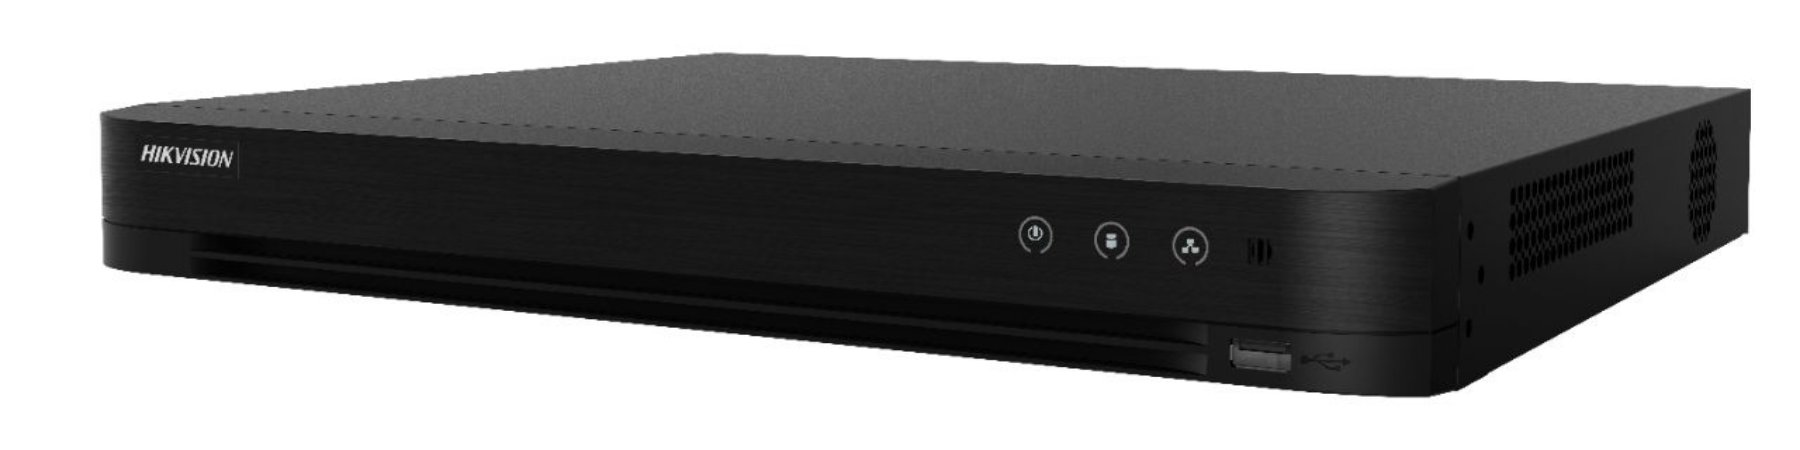 HIKVISION DVR 08CH 4K 2HDD 8MP H.265 PRO+ DS-7208HTHI-K2